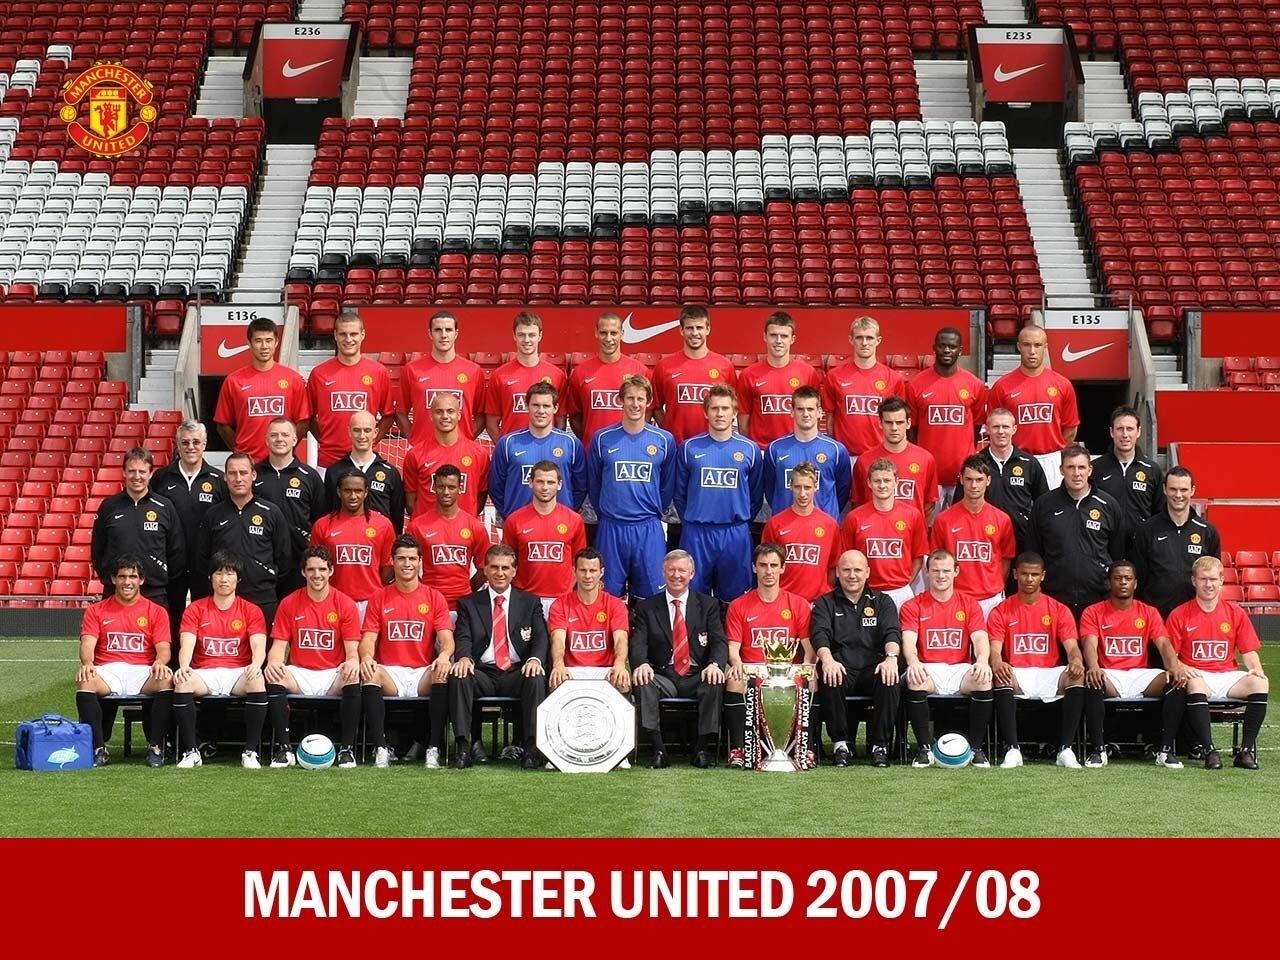 Hilo del Manchester United Manchester-United-Squad-Wallpaper-2007-2008